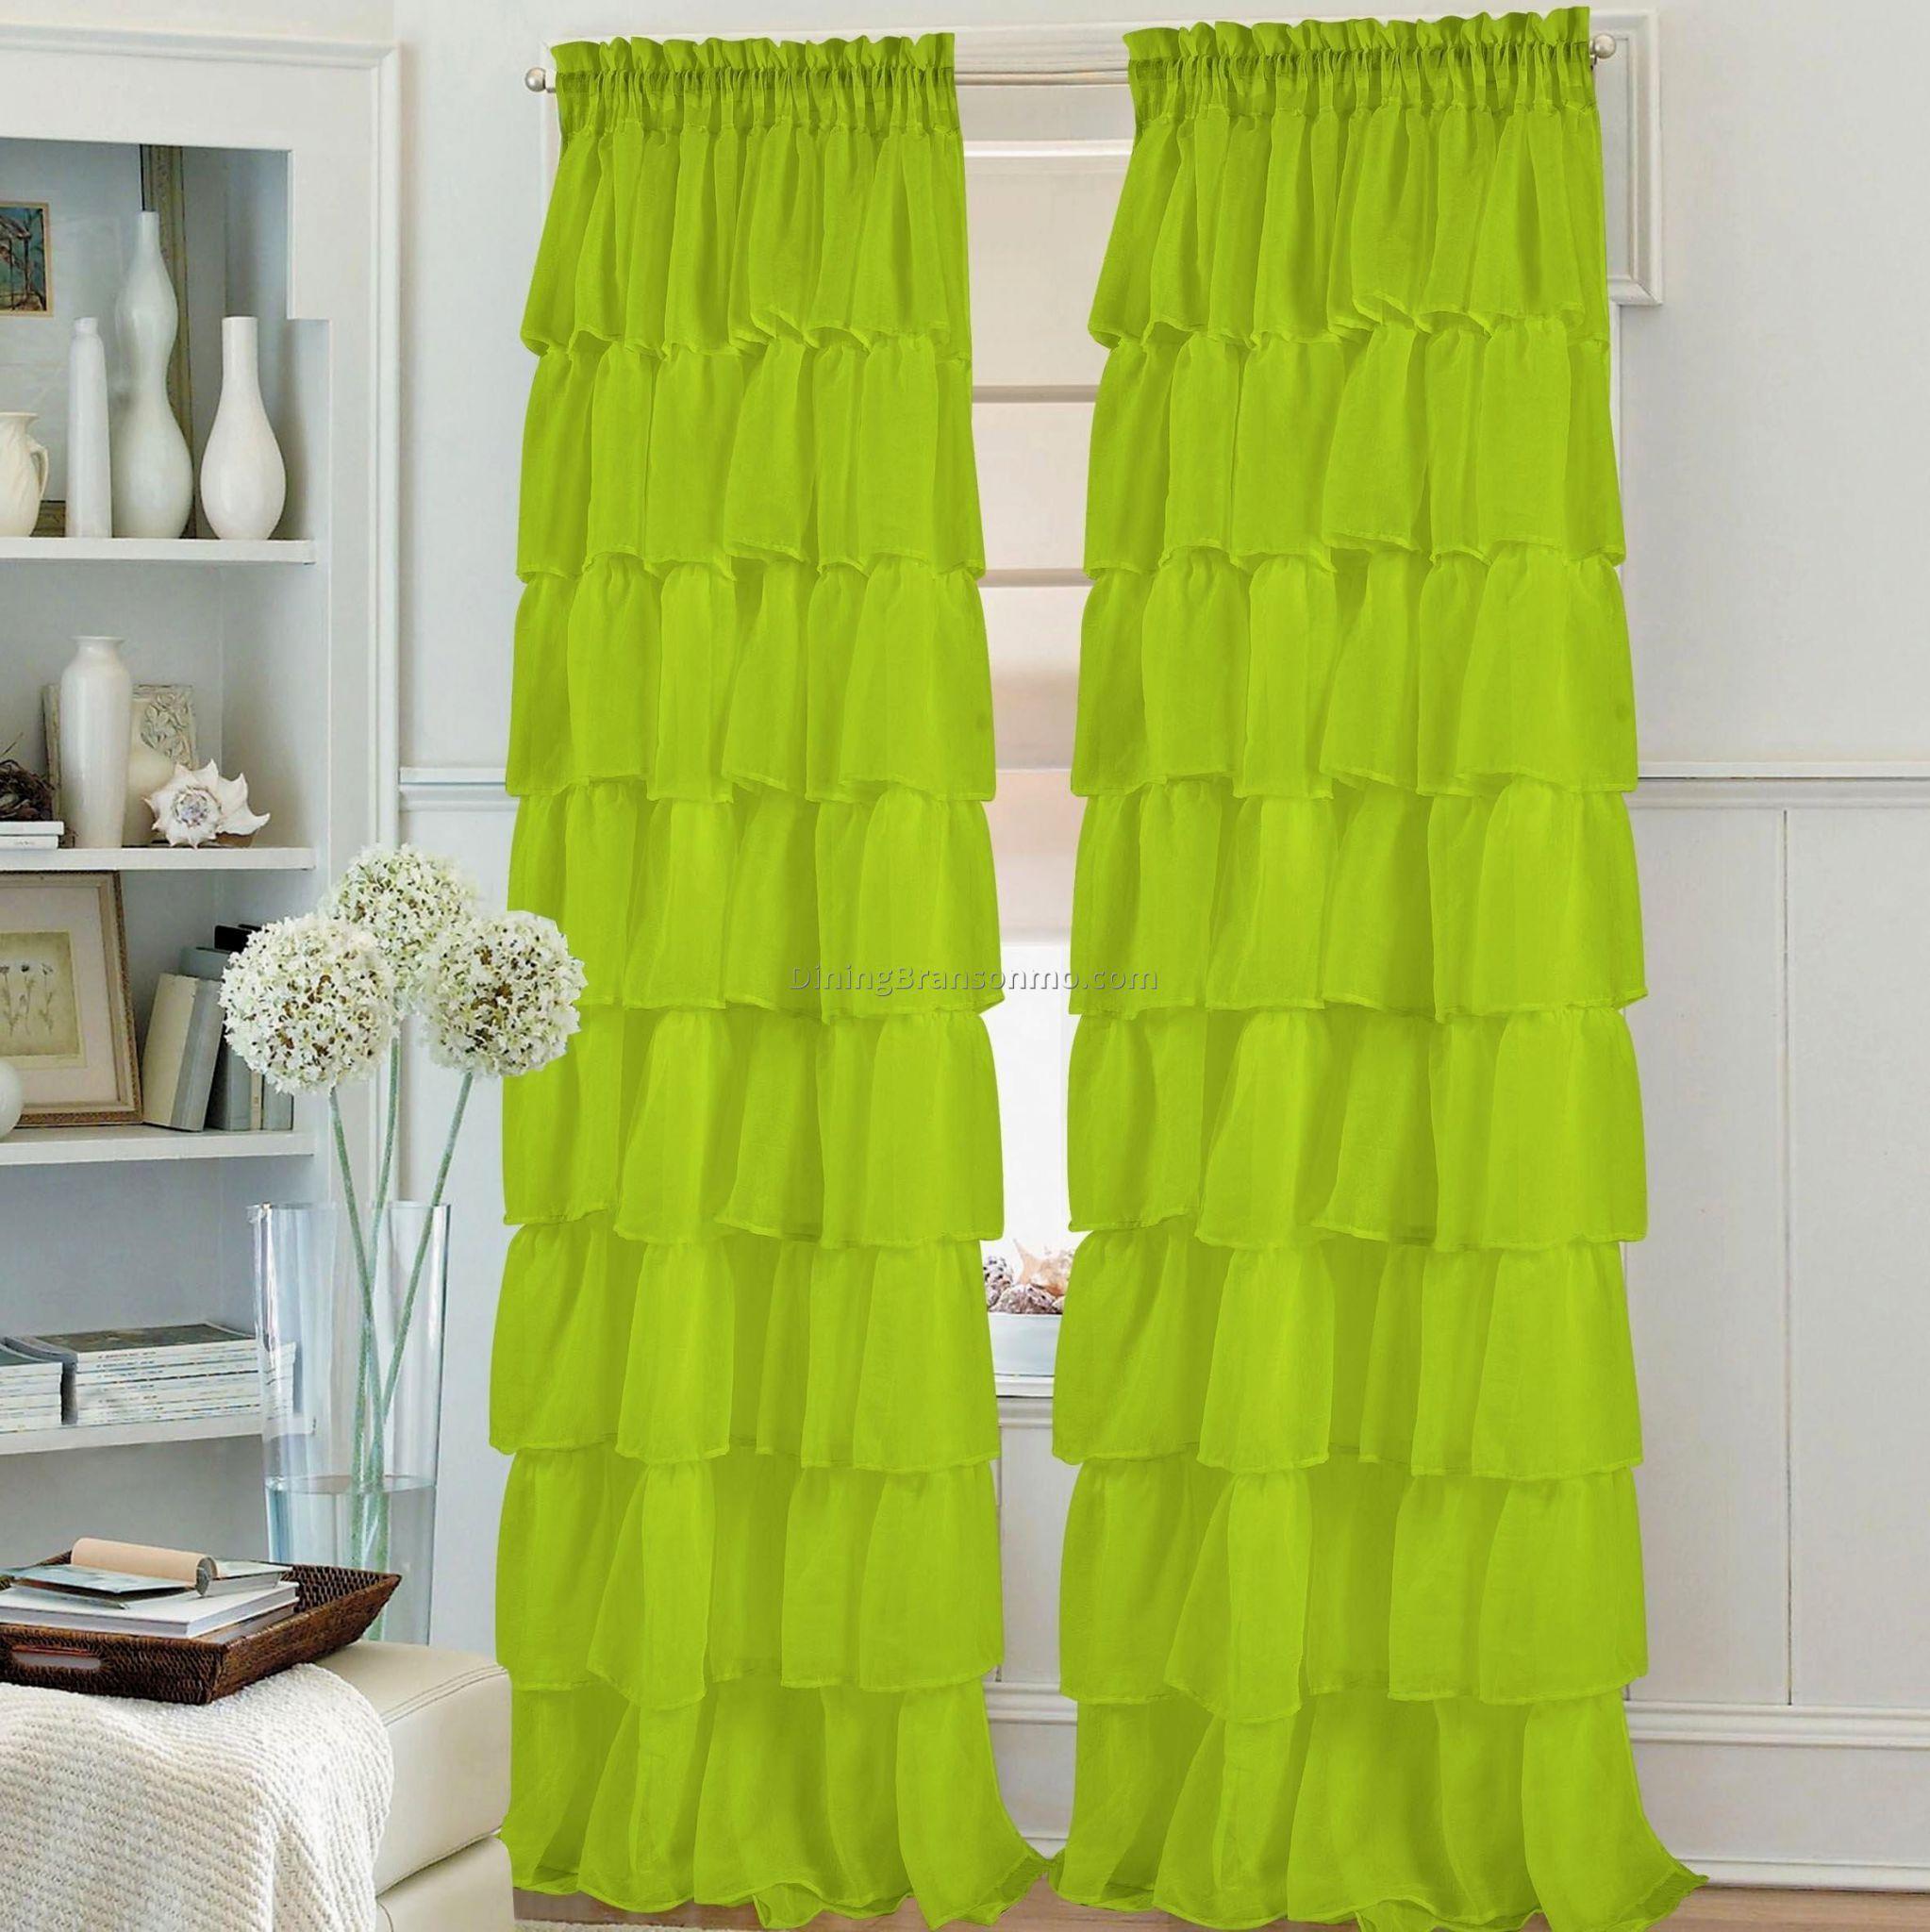 Taupe Farbe Dekorative Ideen Für Ihr Zuhause: Beste 11 Lime Green Vorhänge Für Ihr Zuhause